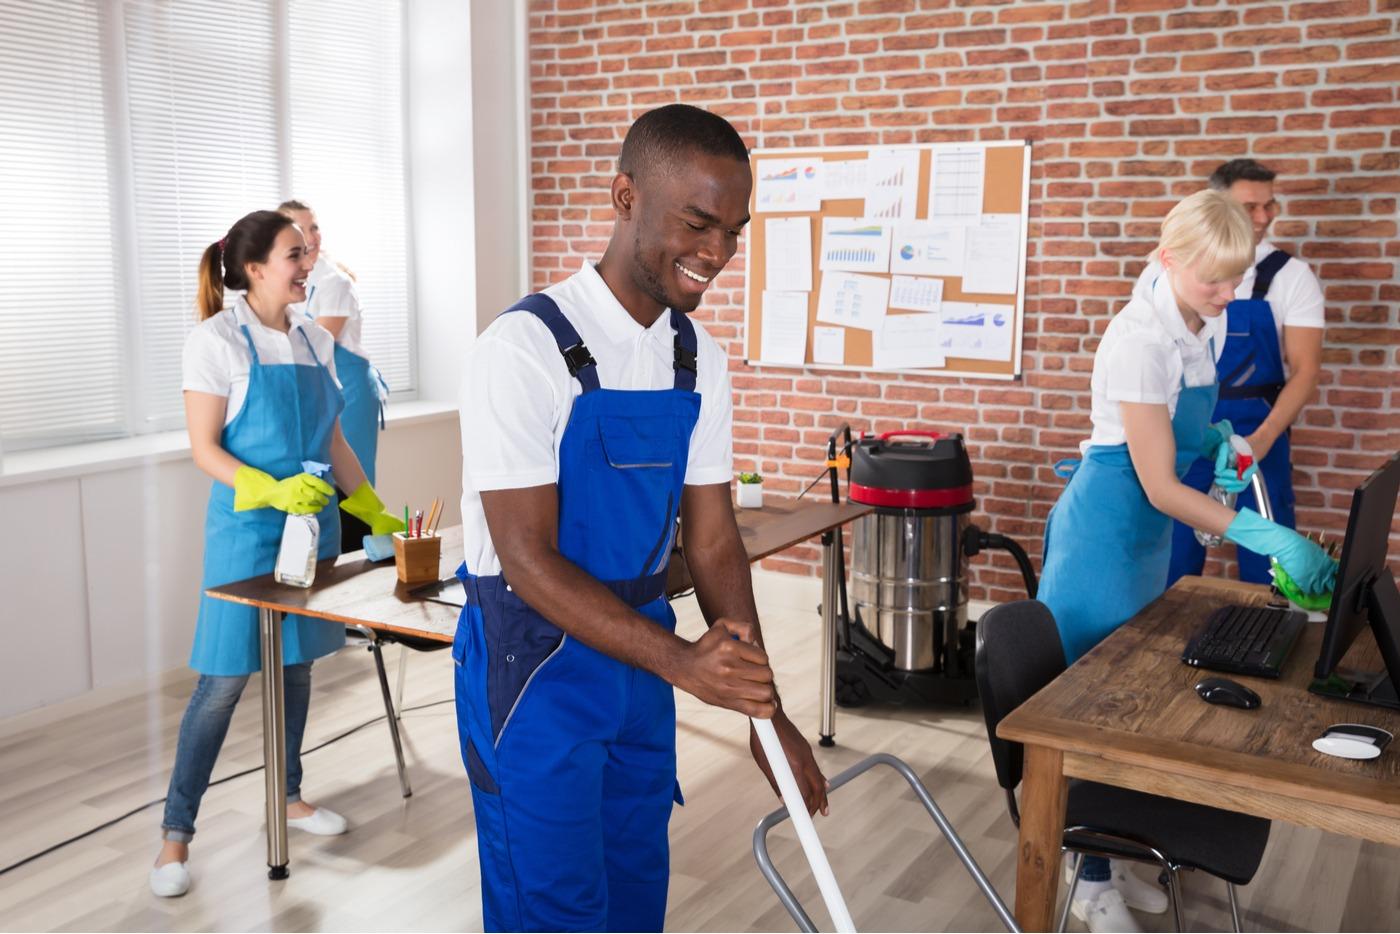 Pourquoi faire appel à un professionnel pour le nettoyage de votre bureau?